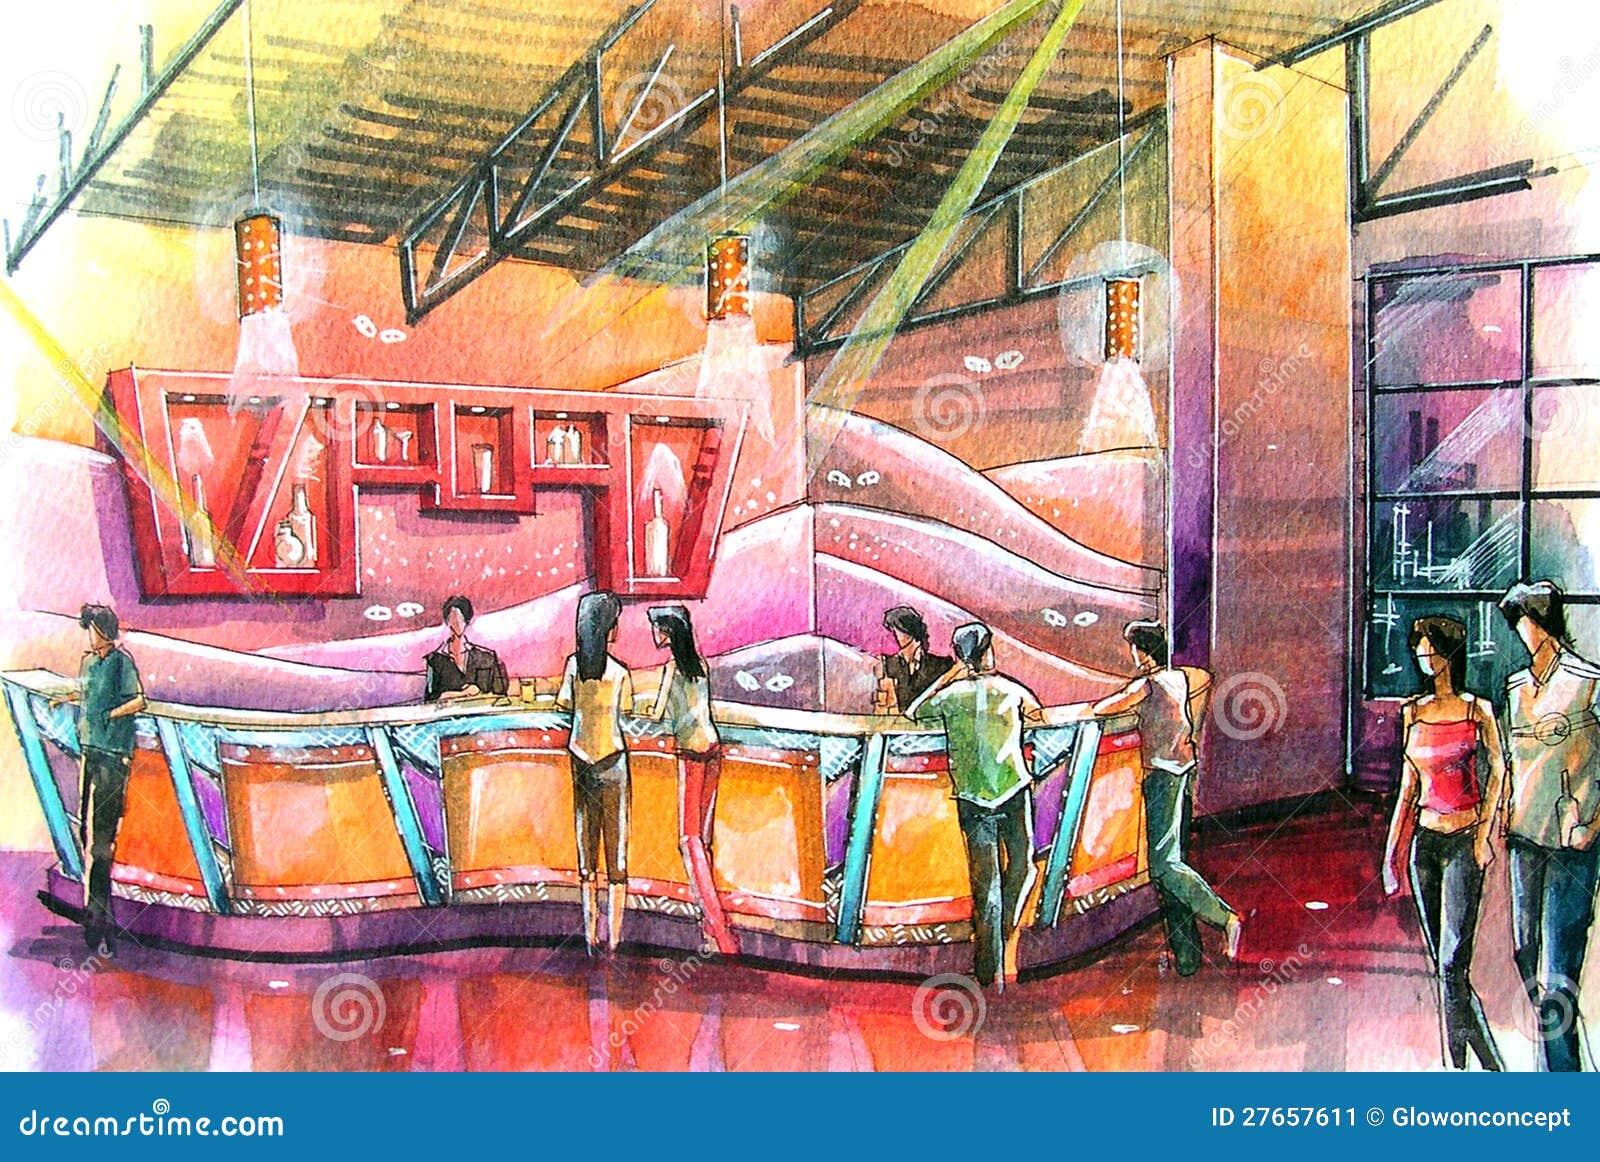 Картина для ночного клуба мужской клуб ангелы в москве